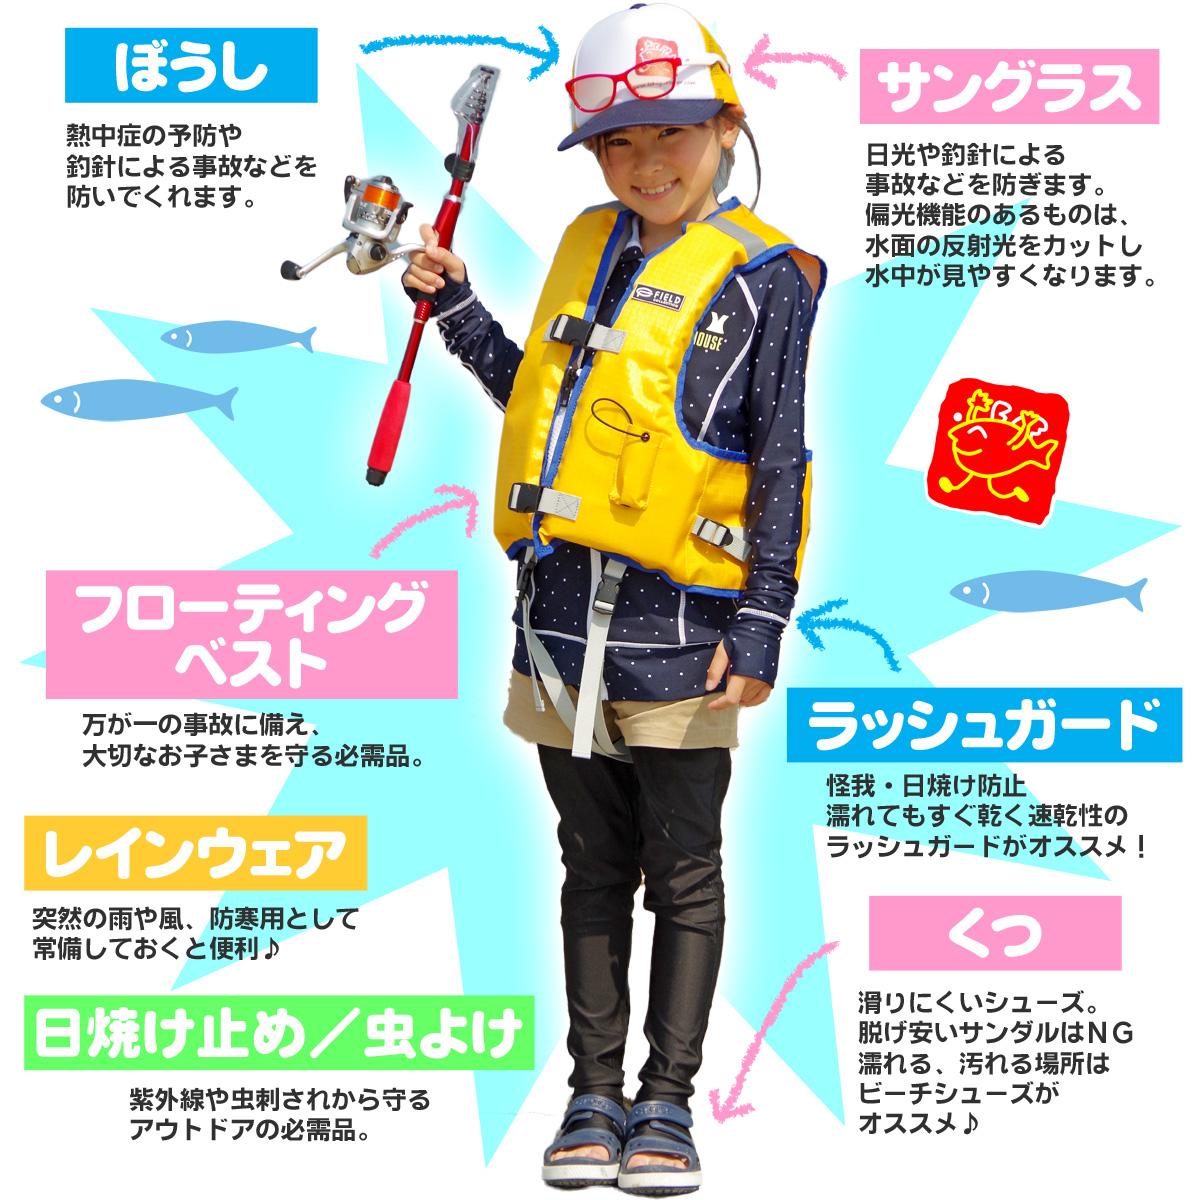 子供の基本的な釣りスタイル